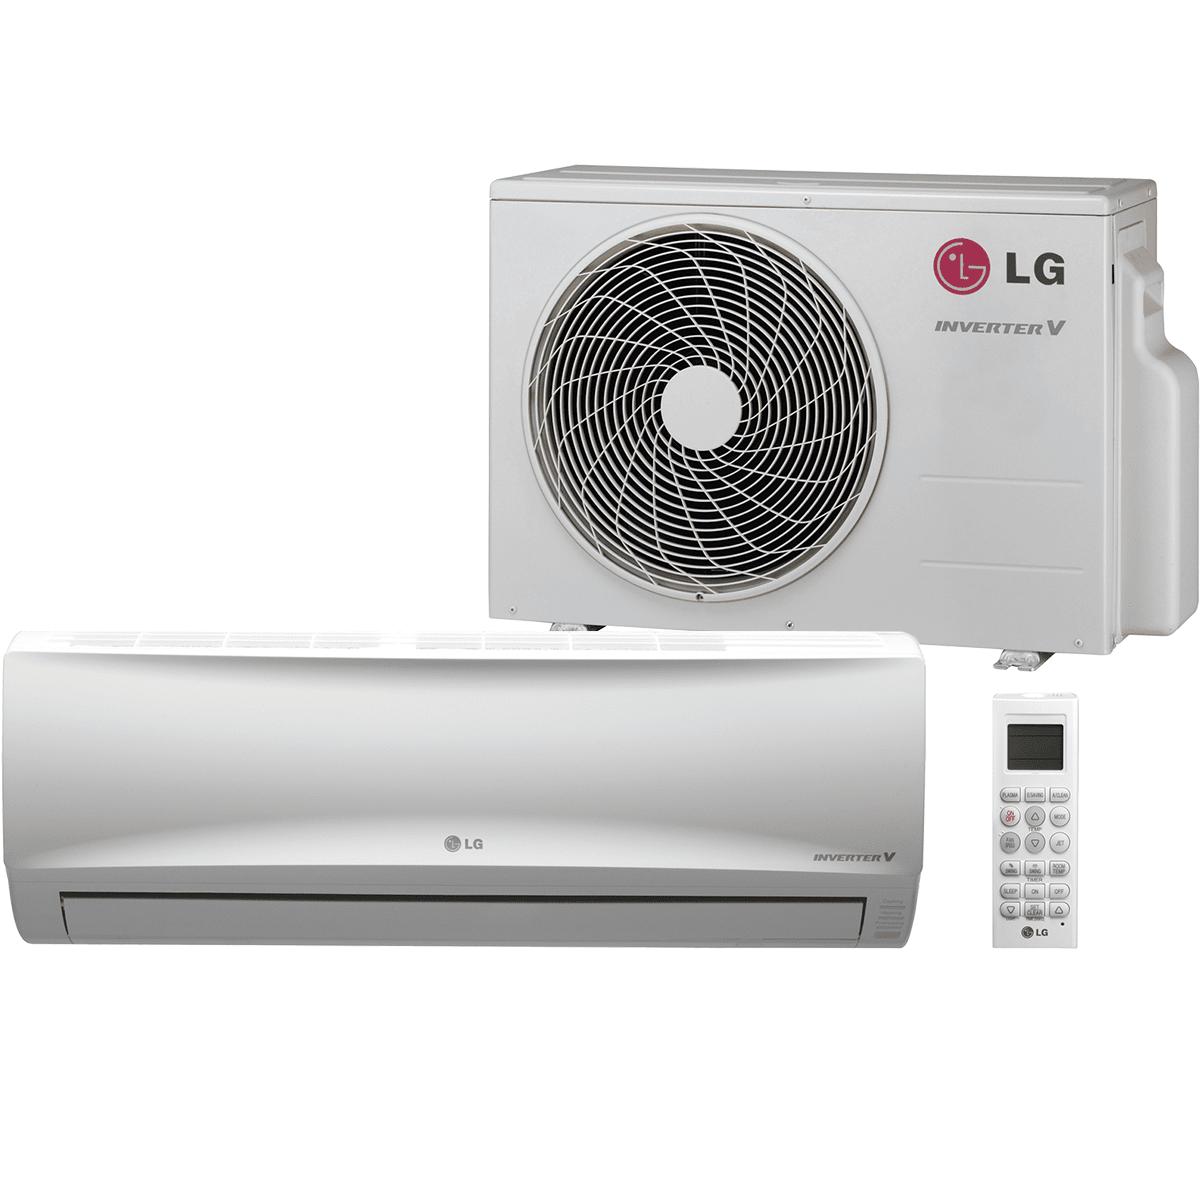 LG 9,000 BTU Single Zone Mega Mini Split Heat Pump